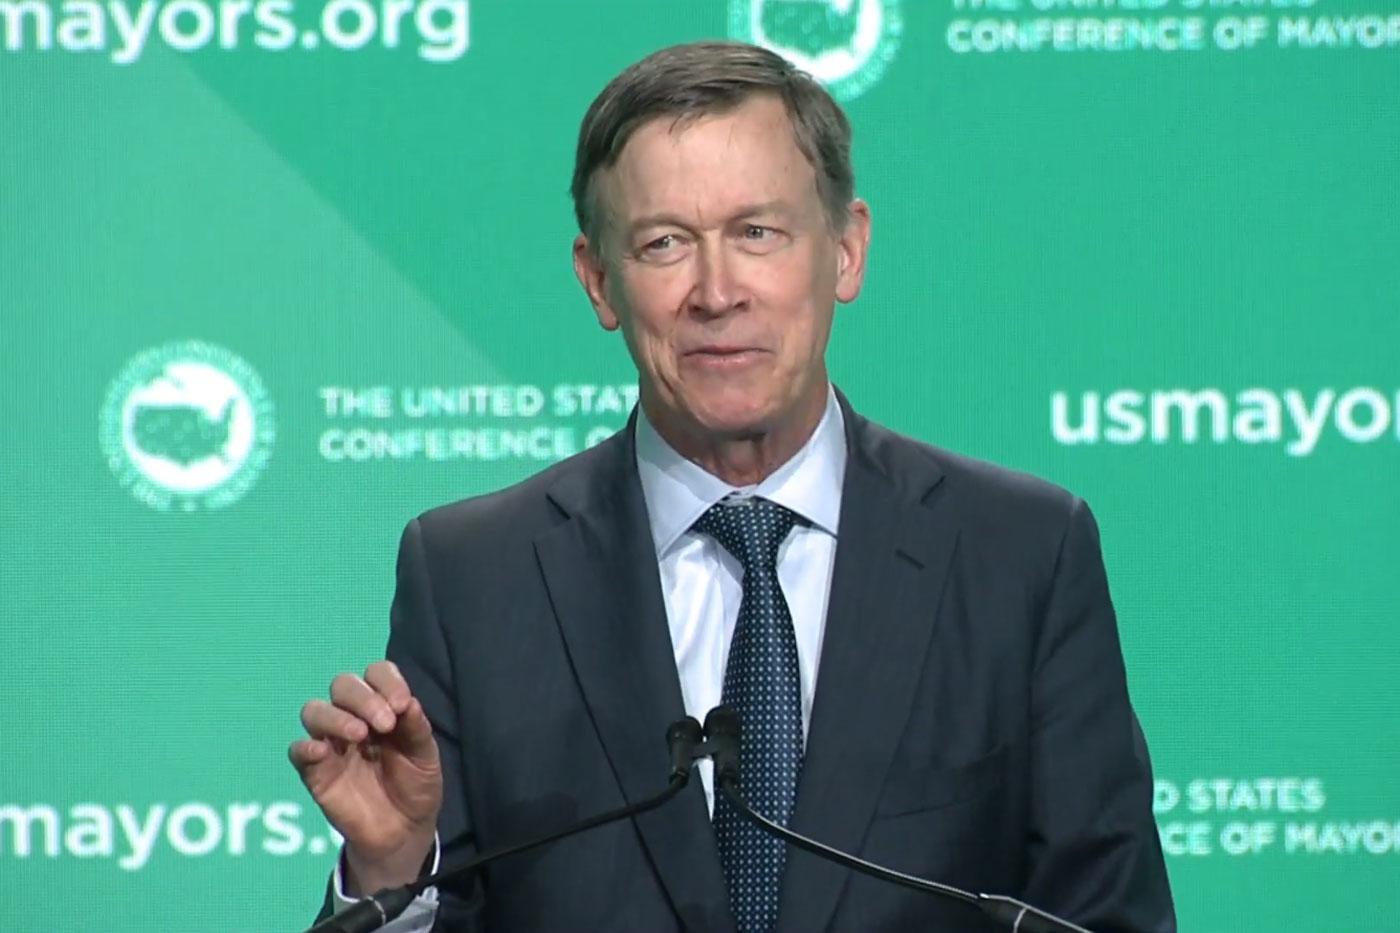 Photo: US COnf of Mayors 2019 | John Hickenlooper Speech - Courtesy/Screencap